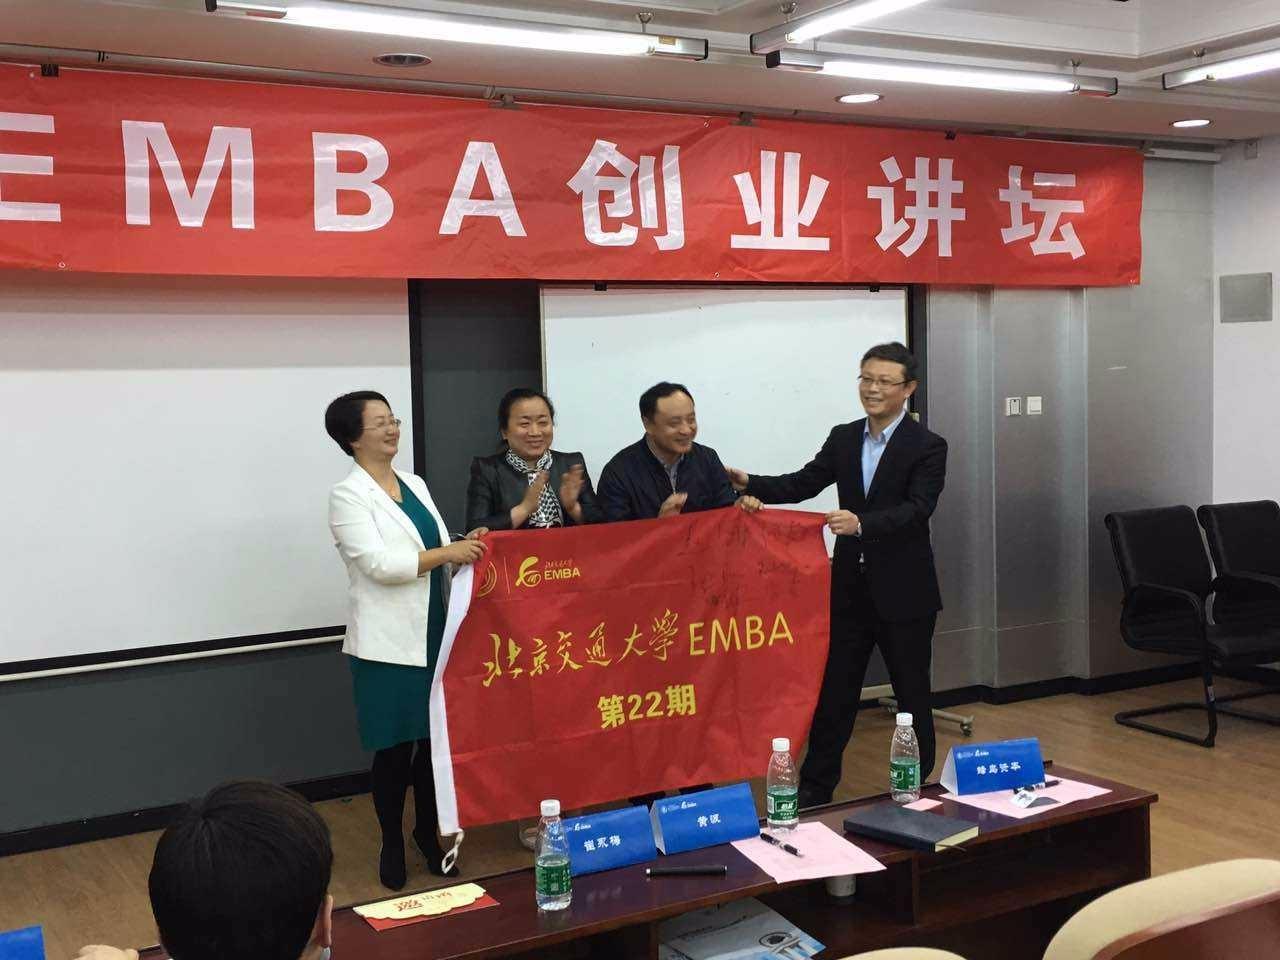 北京交通大学EMBA论坛-